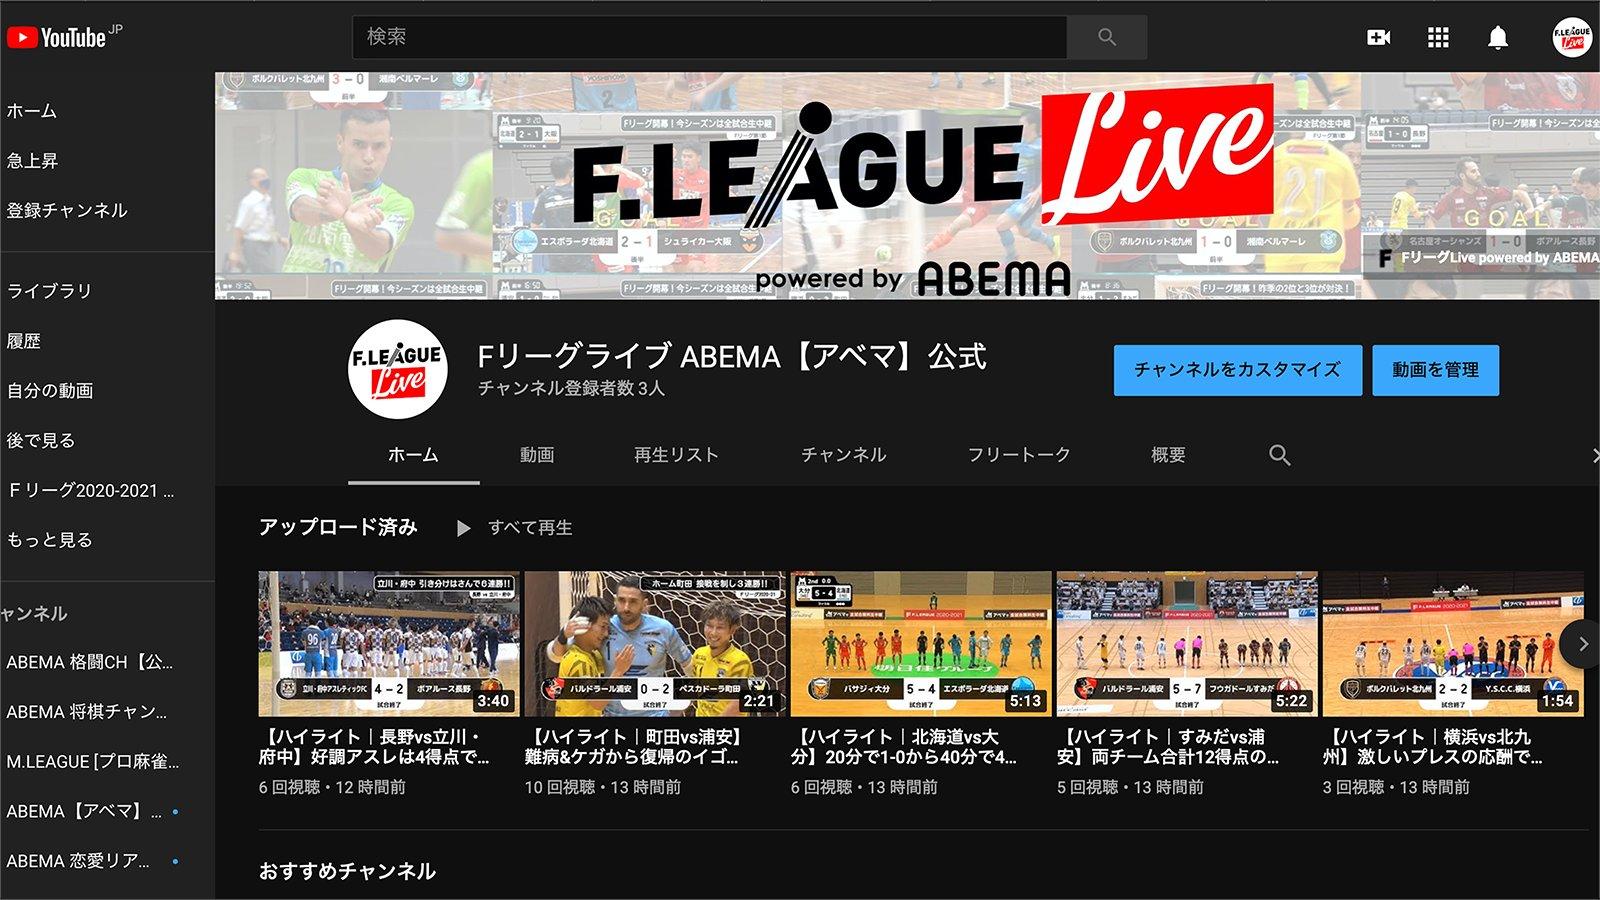 FリーグLIVEがYouTubeアカウントを開設!フットサルの動画が満載のチャンネルに。